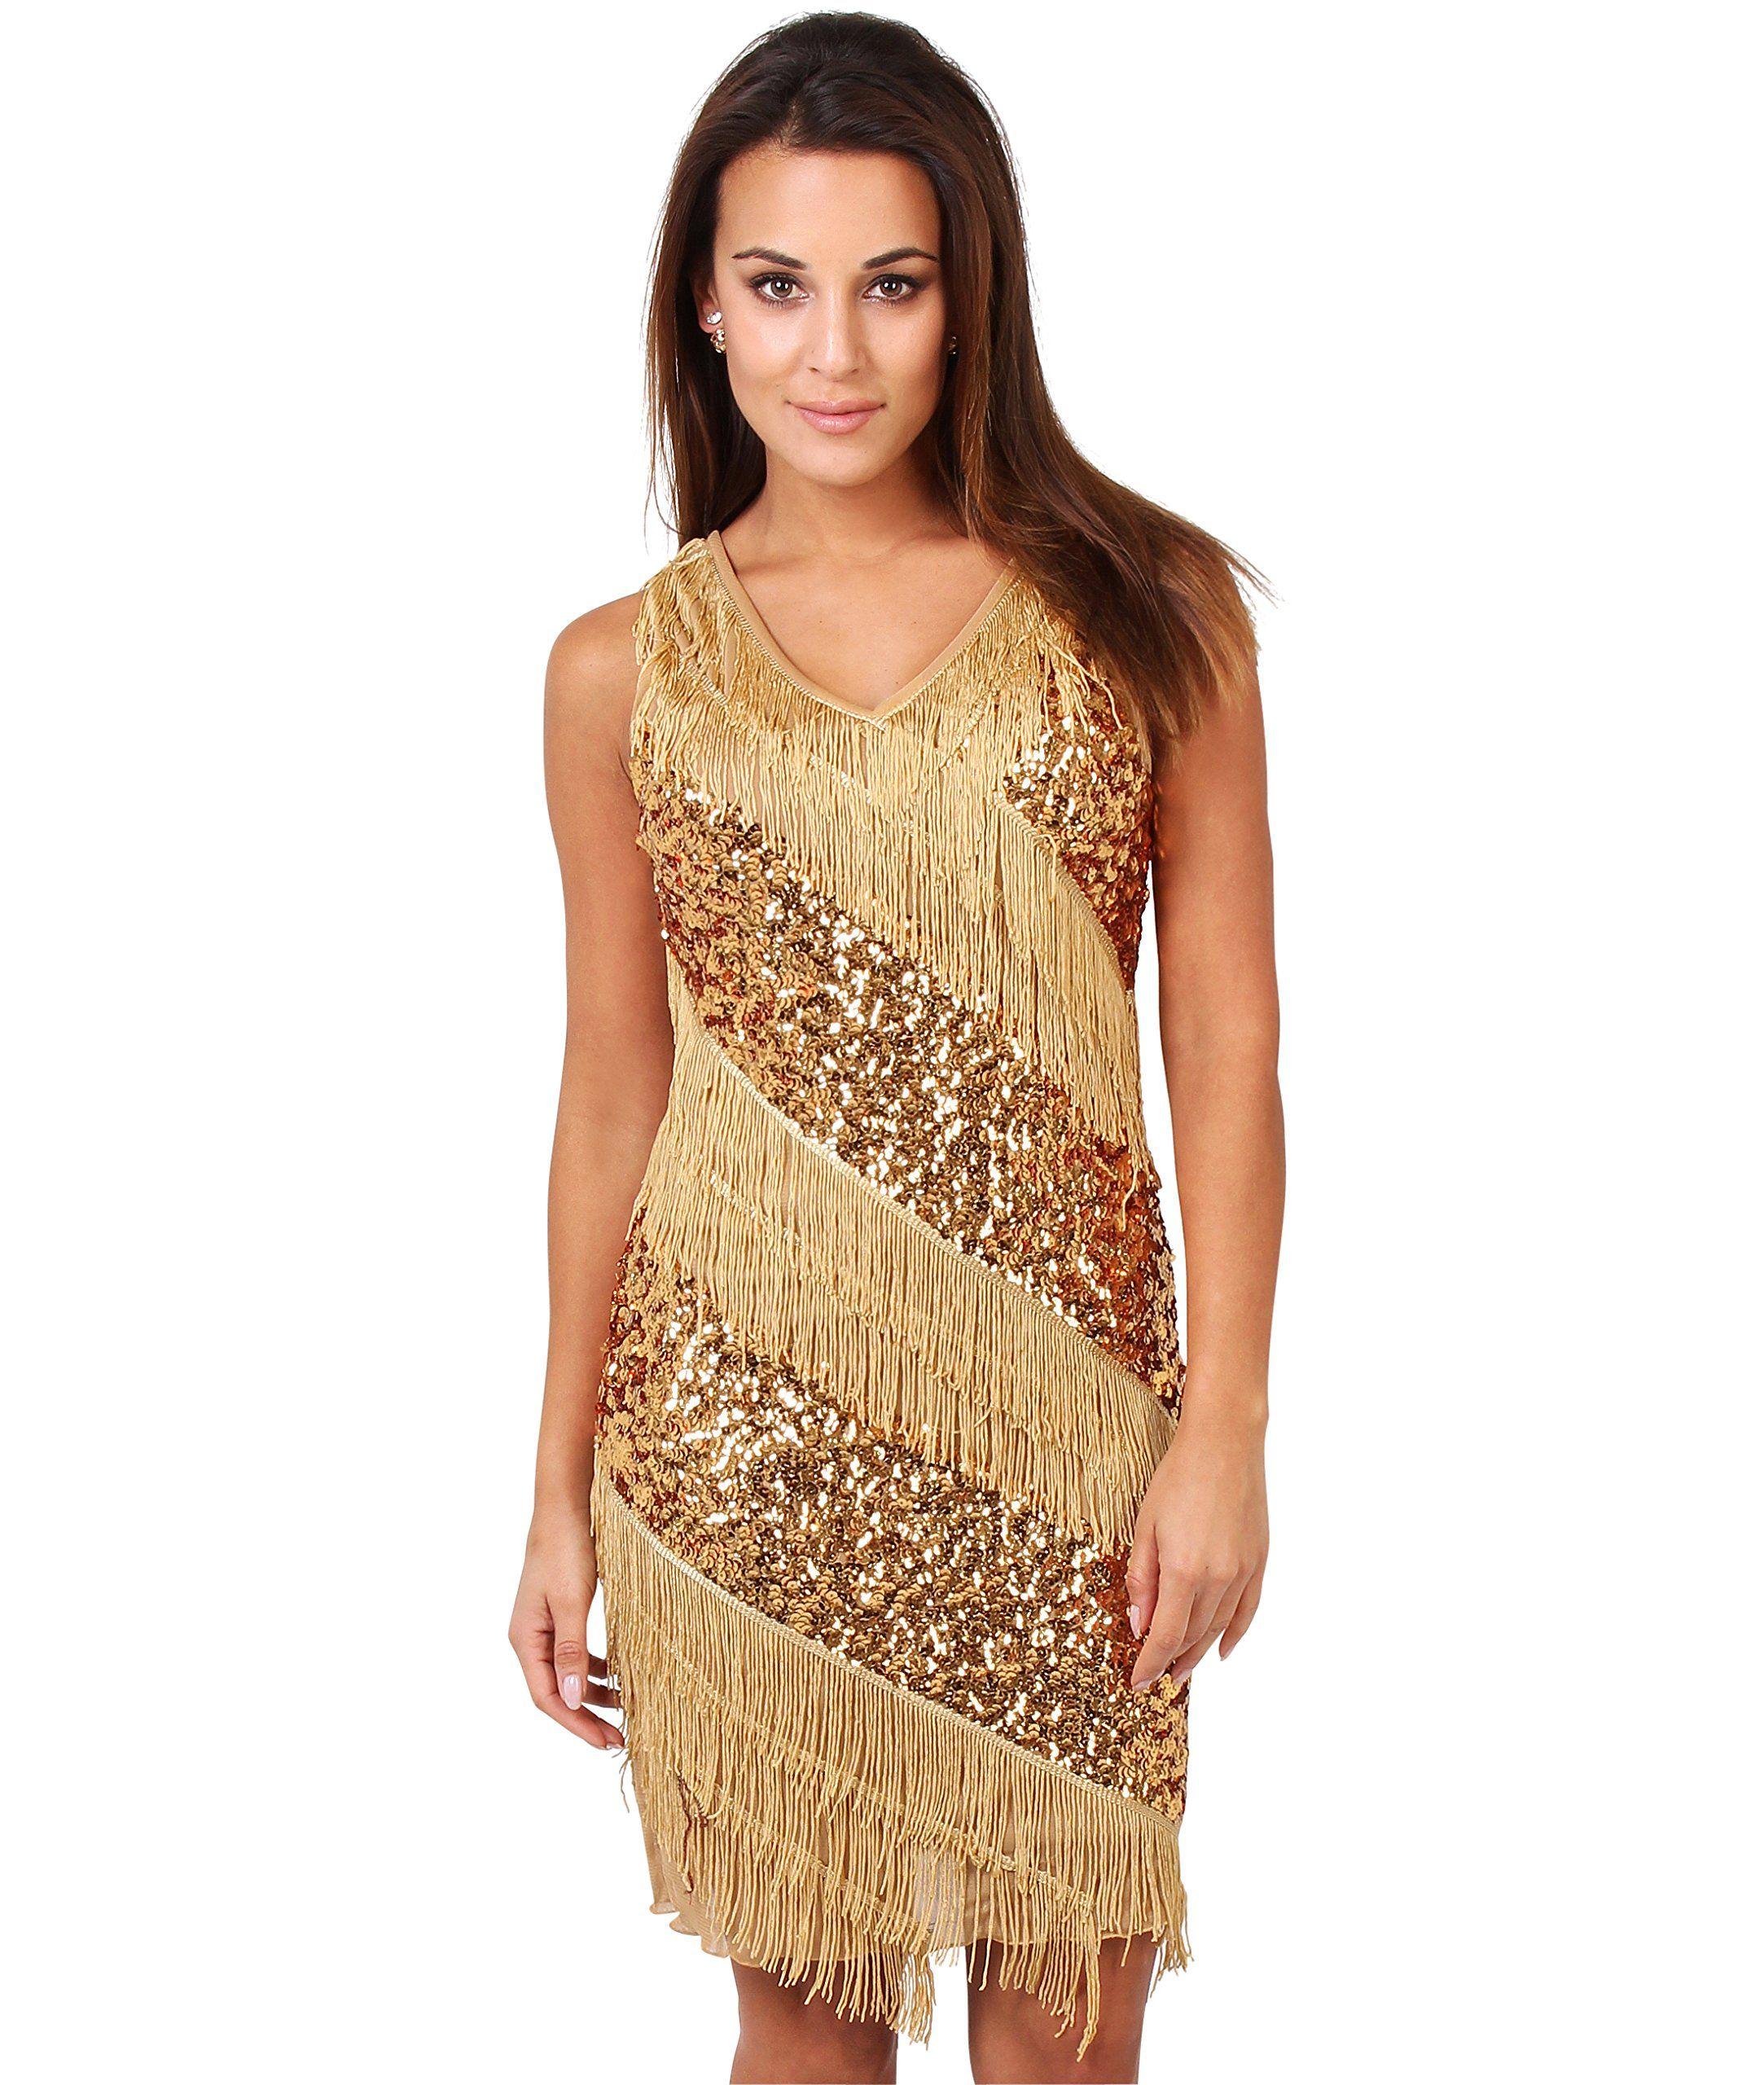 Krisp Damen Swing Kleid 20er Jahre Fransenkleid Neu6462 Blk S Amazon De Bekleidung 20er Jahre Kleider Modestil Kleidung Entwerfen